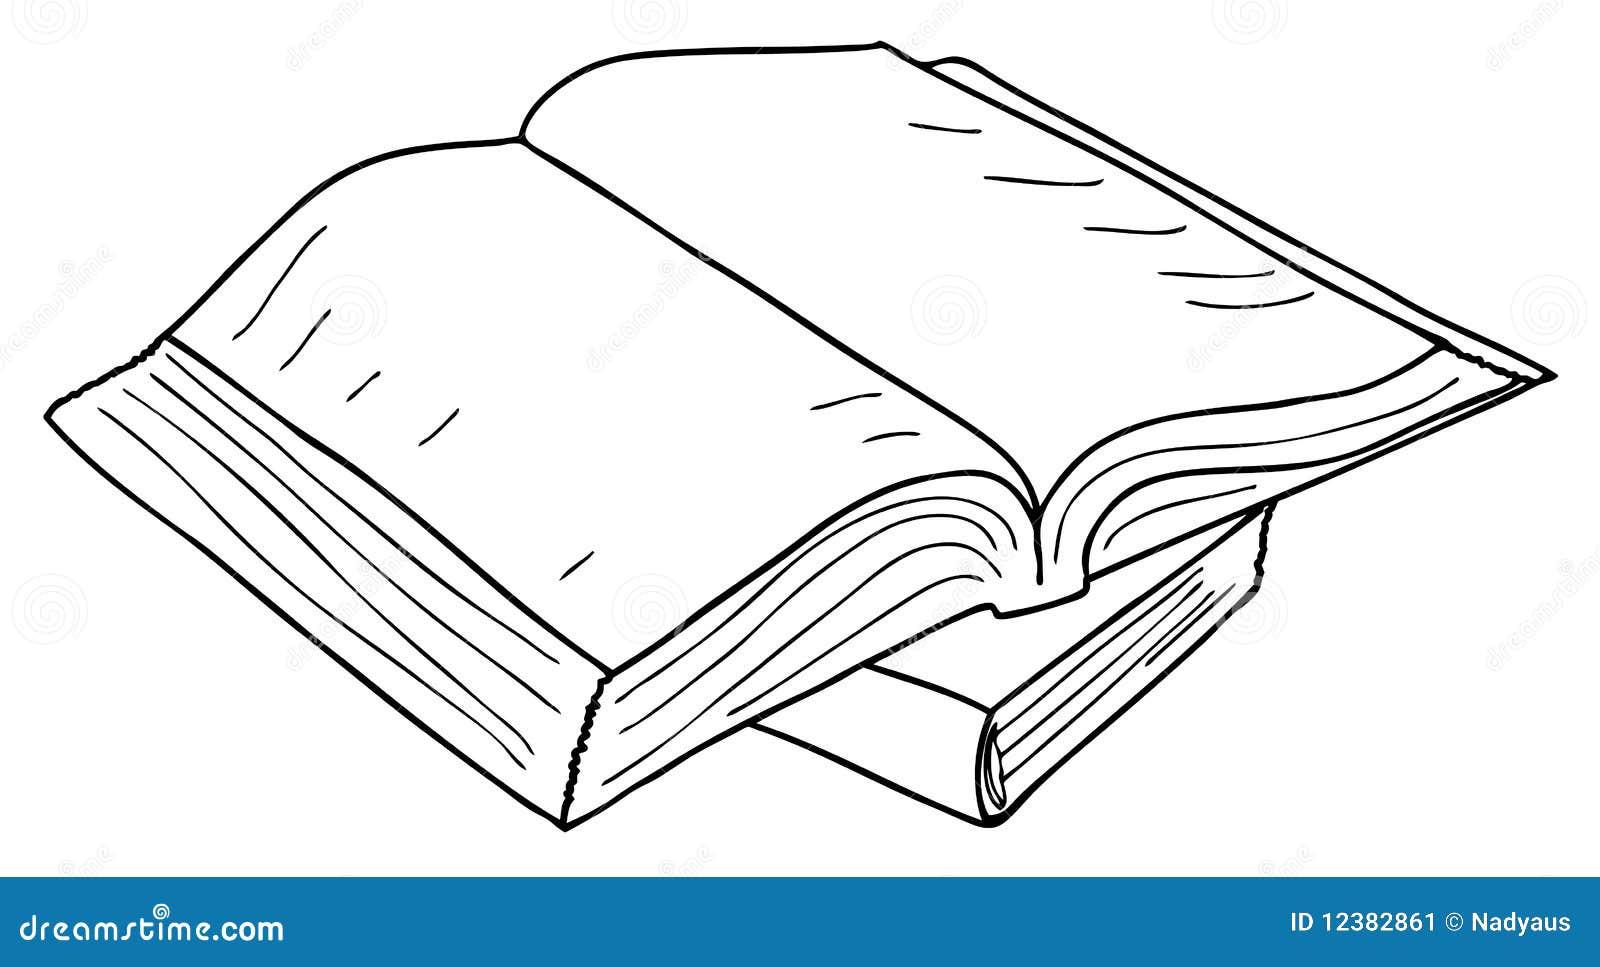 Día Del Libro Book Coloring Pages: Opened Book Sketch, Vector Stock Image